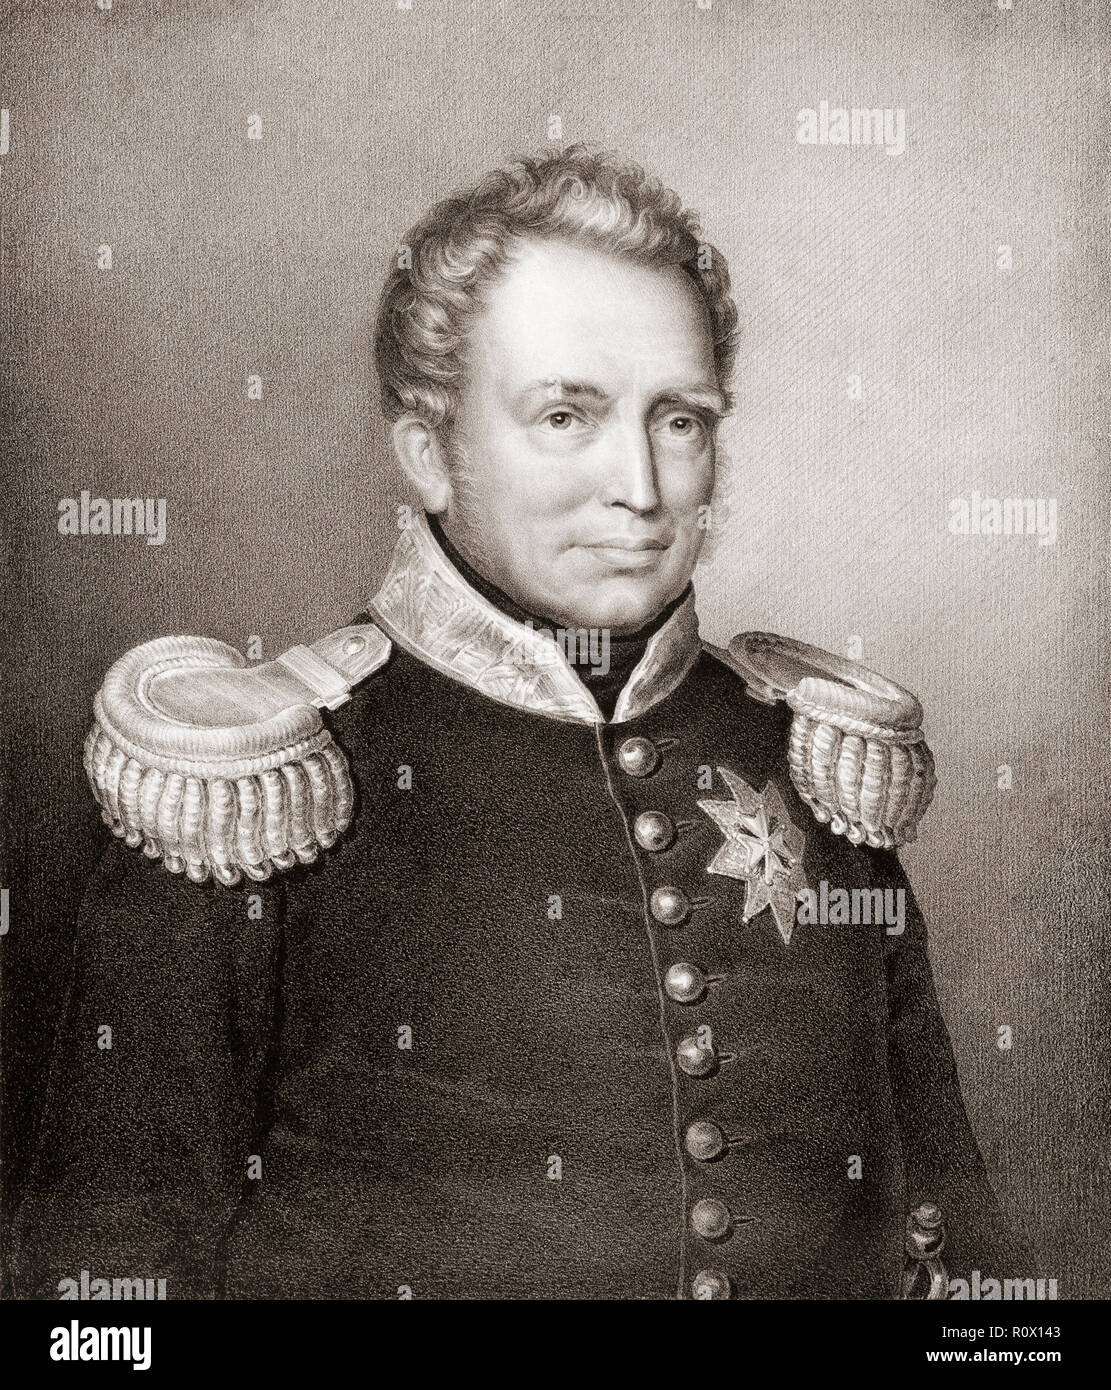 El rey Guillermo I de los Países Bajos, 1772-1843. Después de la pintura de Jan Baptist van der Hulst. Imagen De Stock